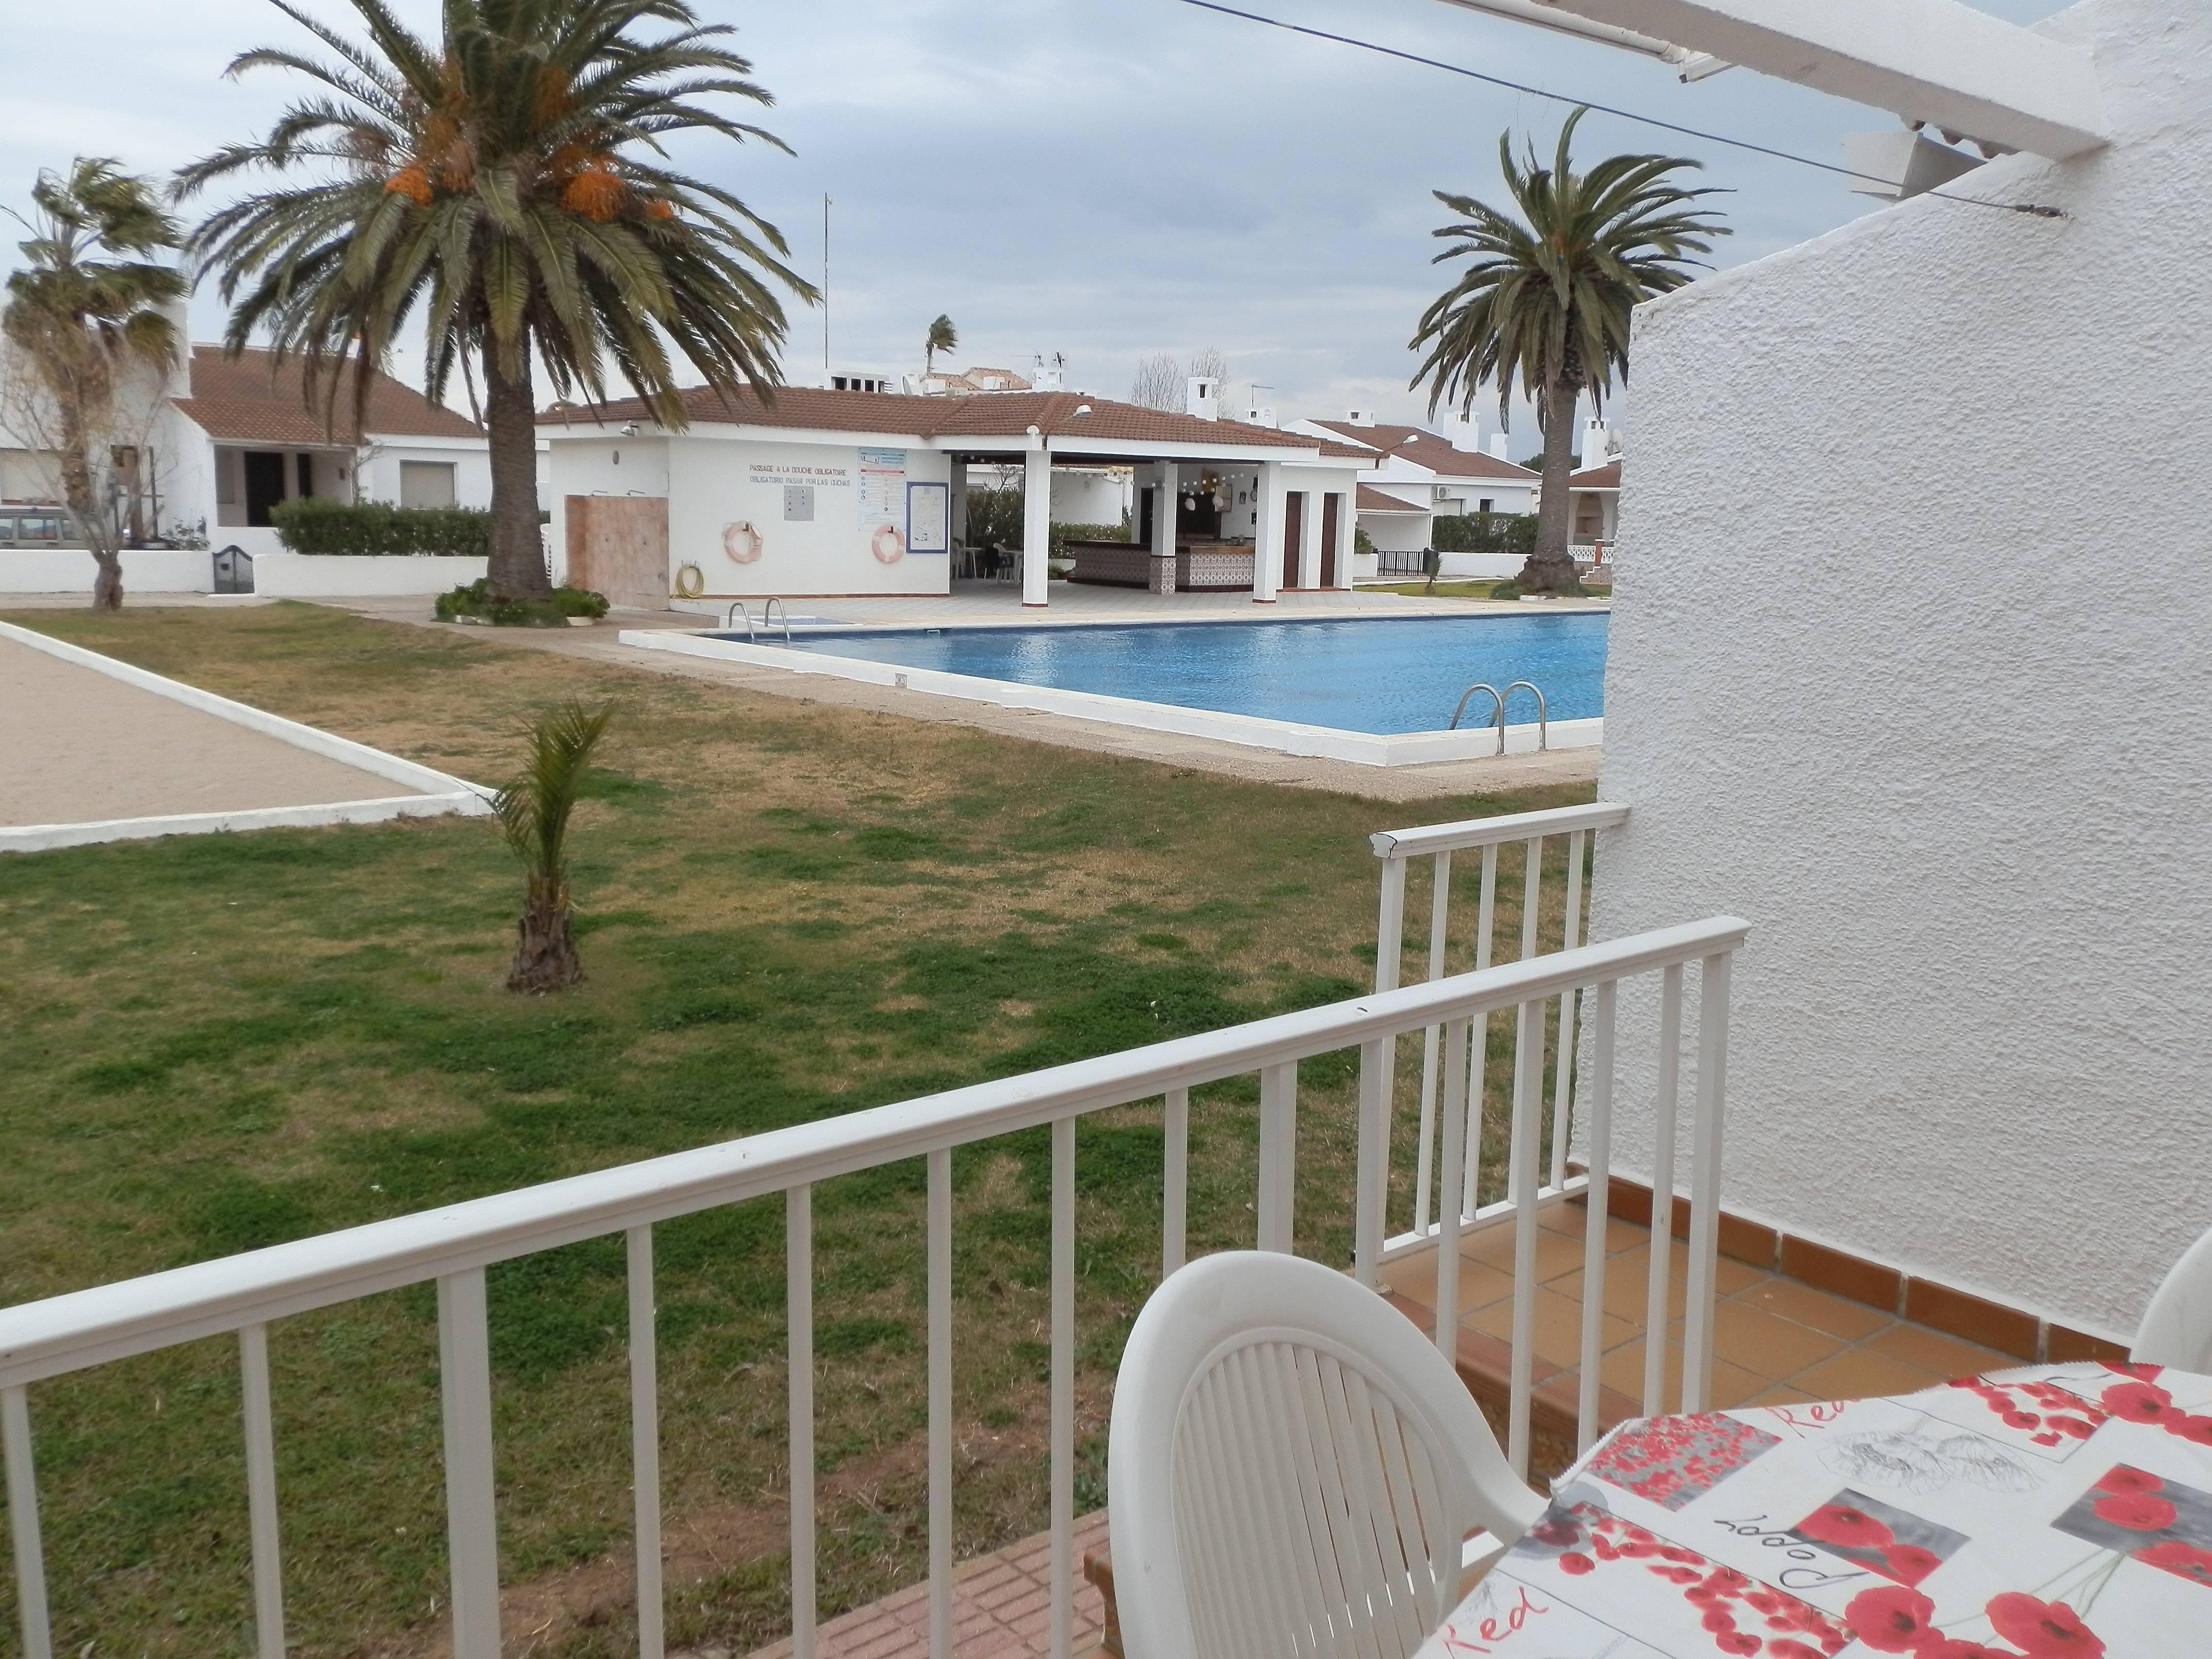 Casa en alquiler a 200 m de la playa riumar deltebre tarragona costa dorada - Casas alquiler costa dorada ...